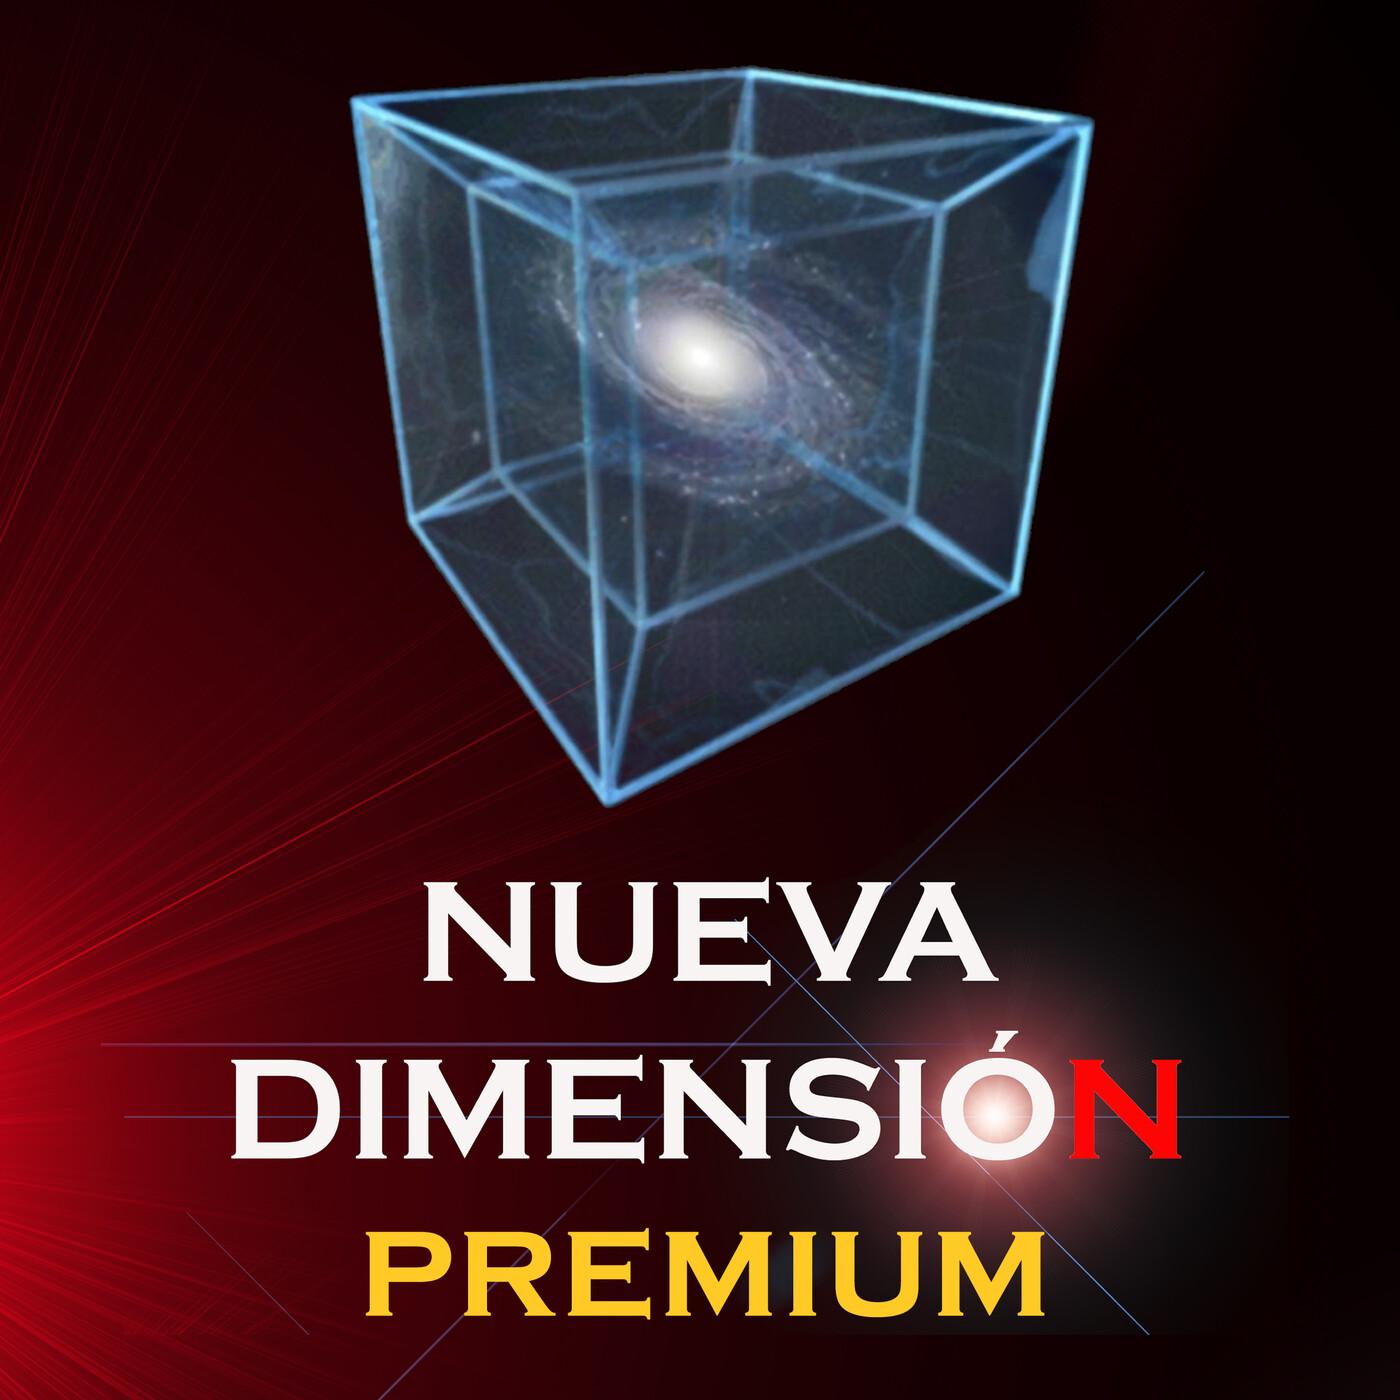 NUEVA DIMENSIÓN PREMIUM - (20x3)